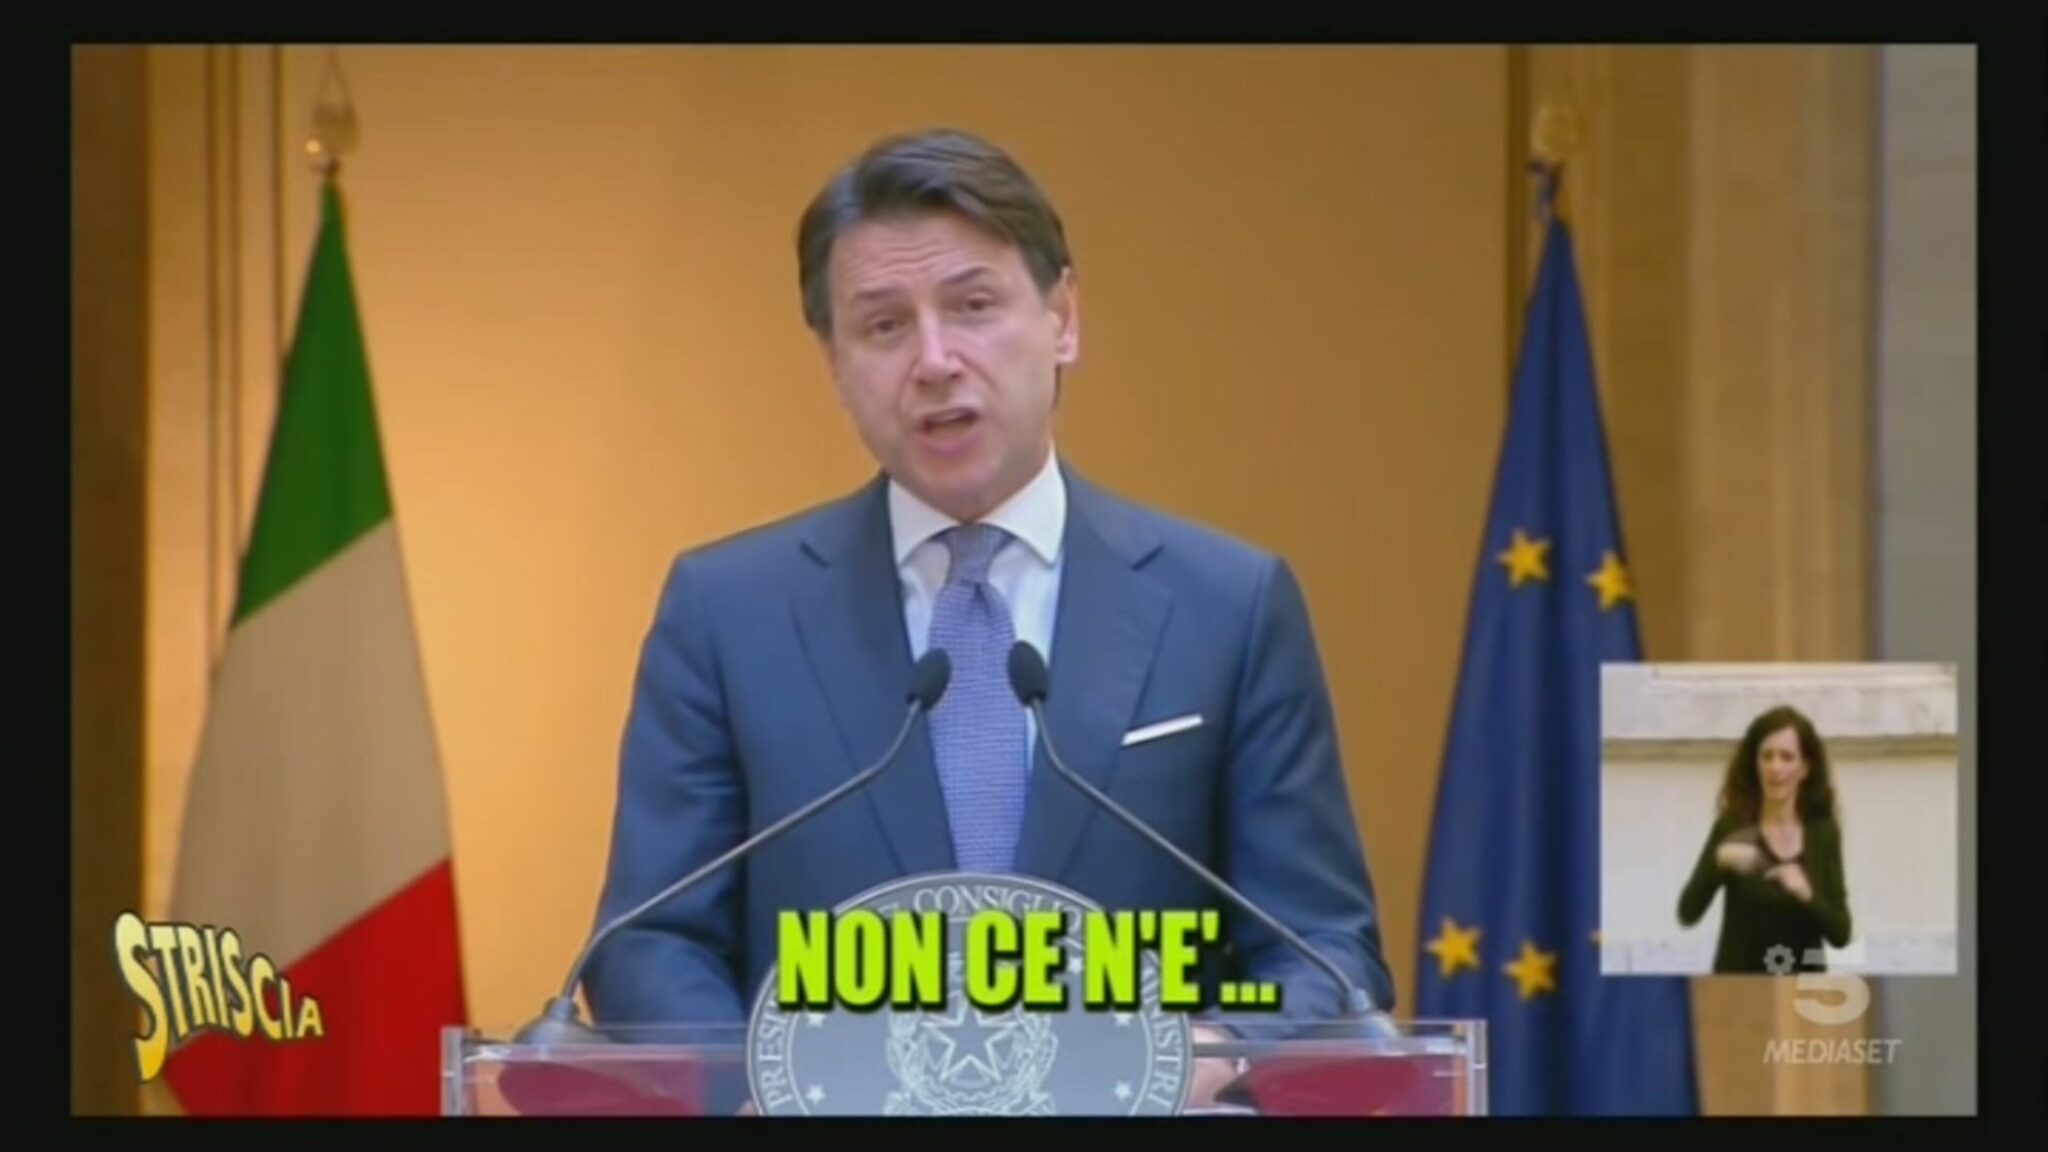 Giuseppe Conte Striscia la Notizia